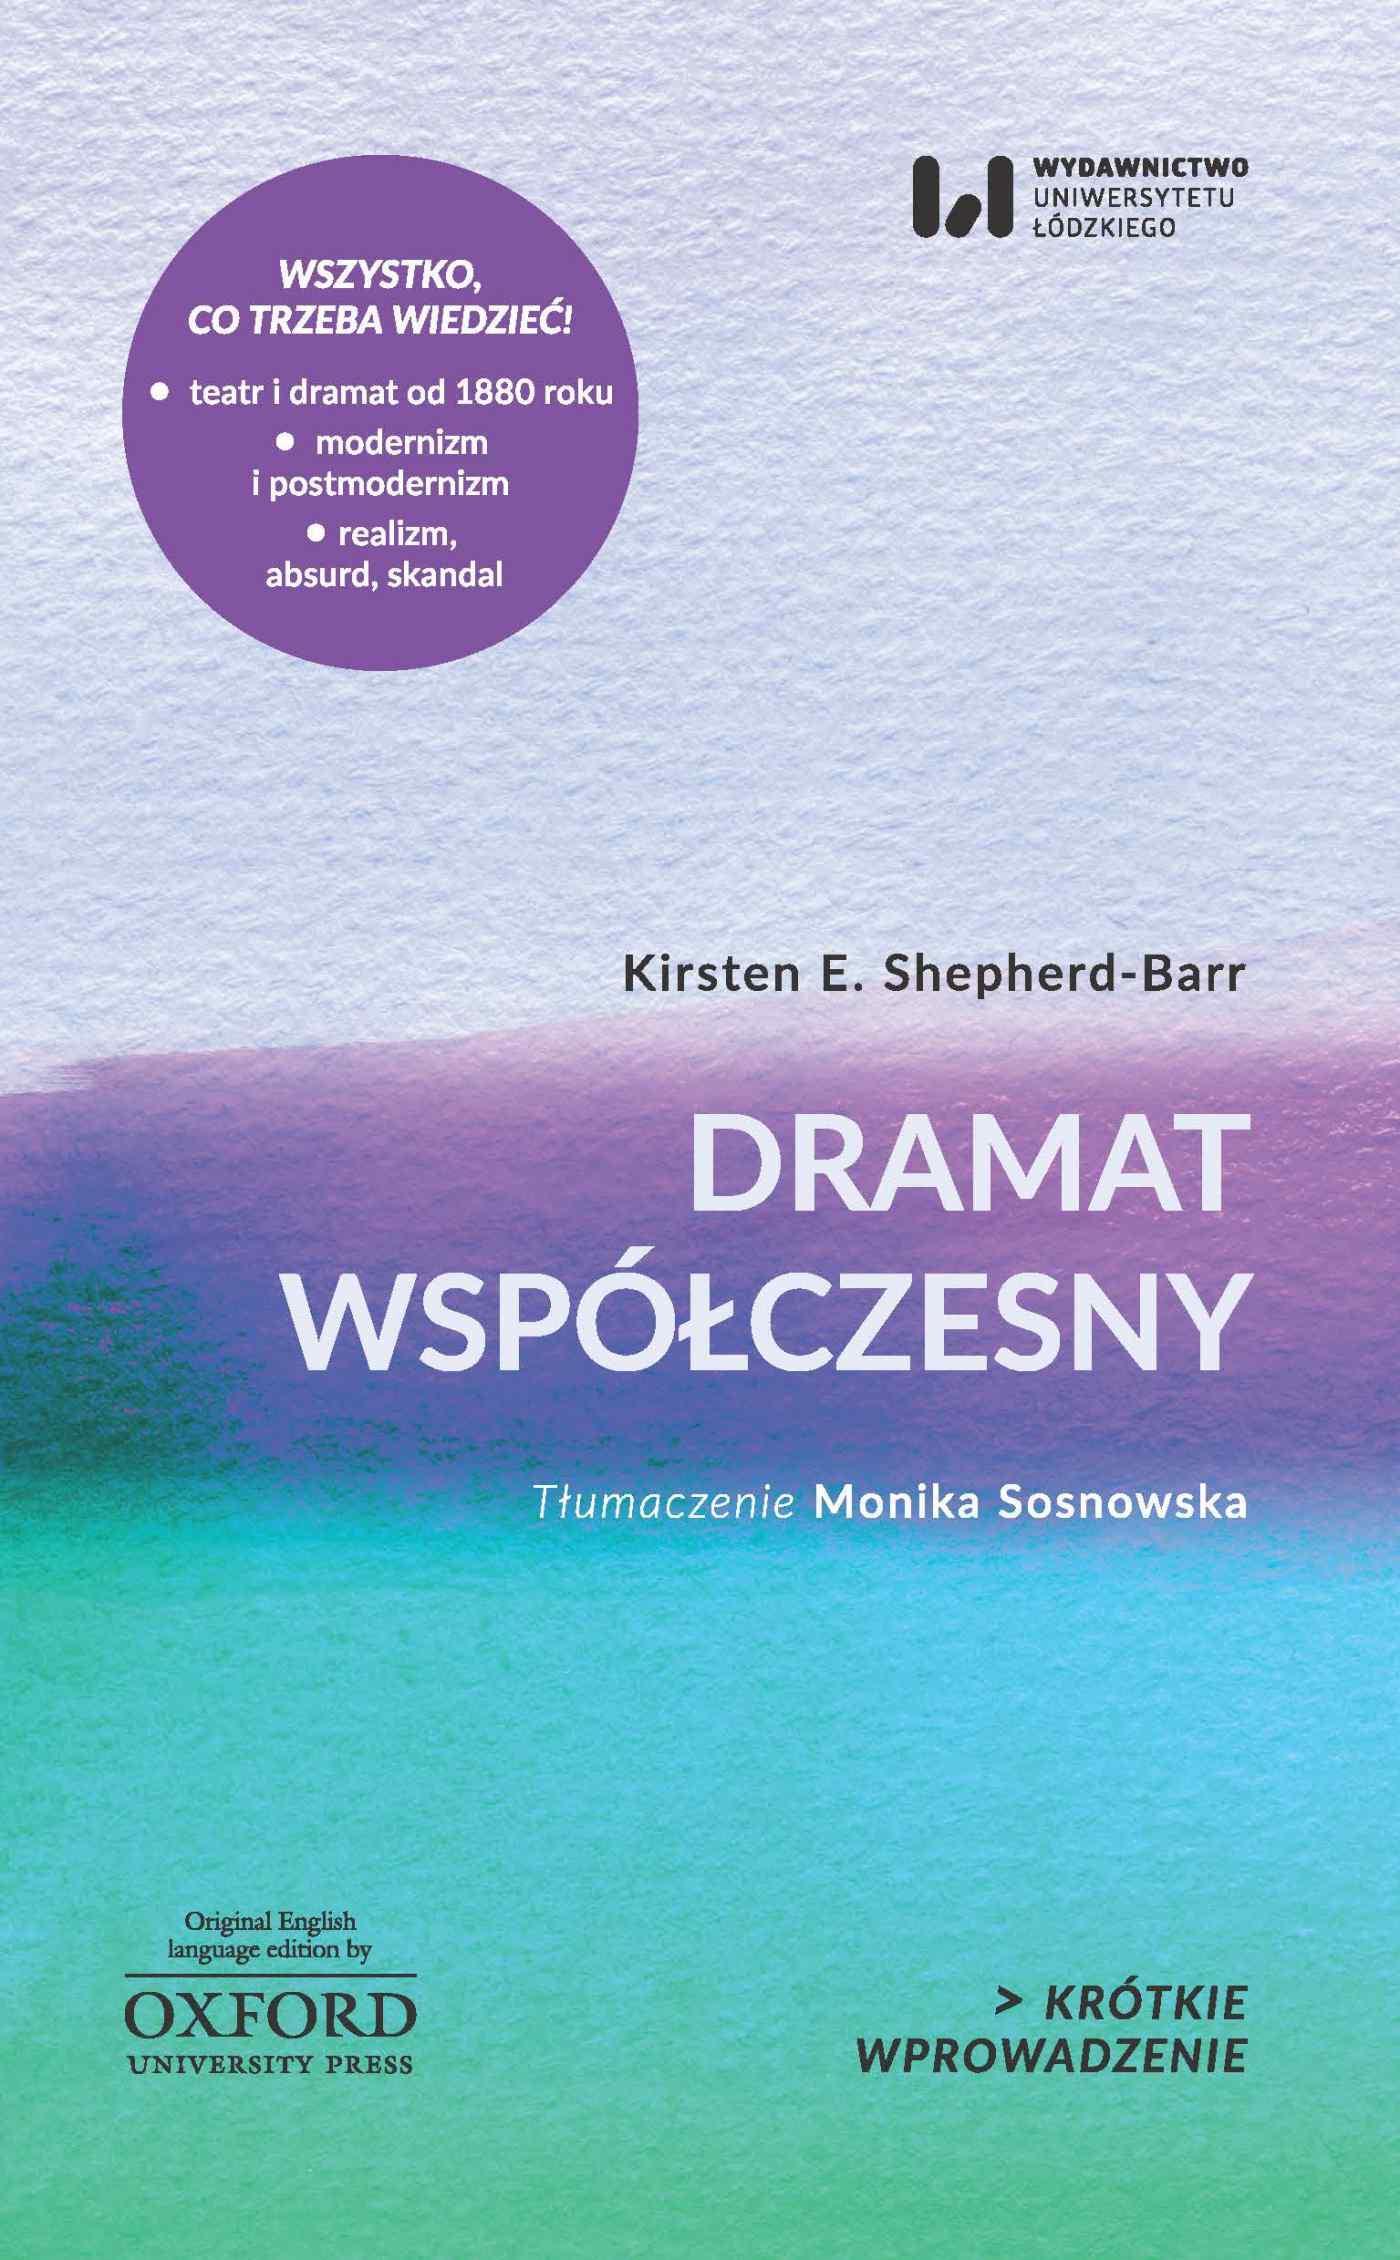 Dramat współczesny - Ebook (Książka PDF) do pobrania w formacie PDF